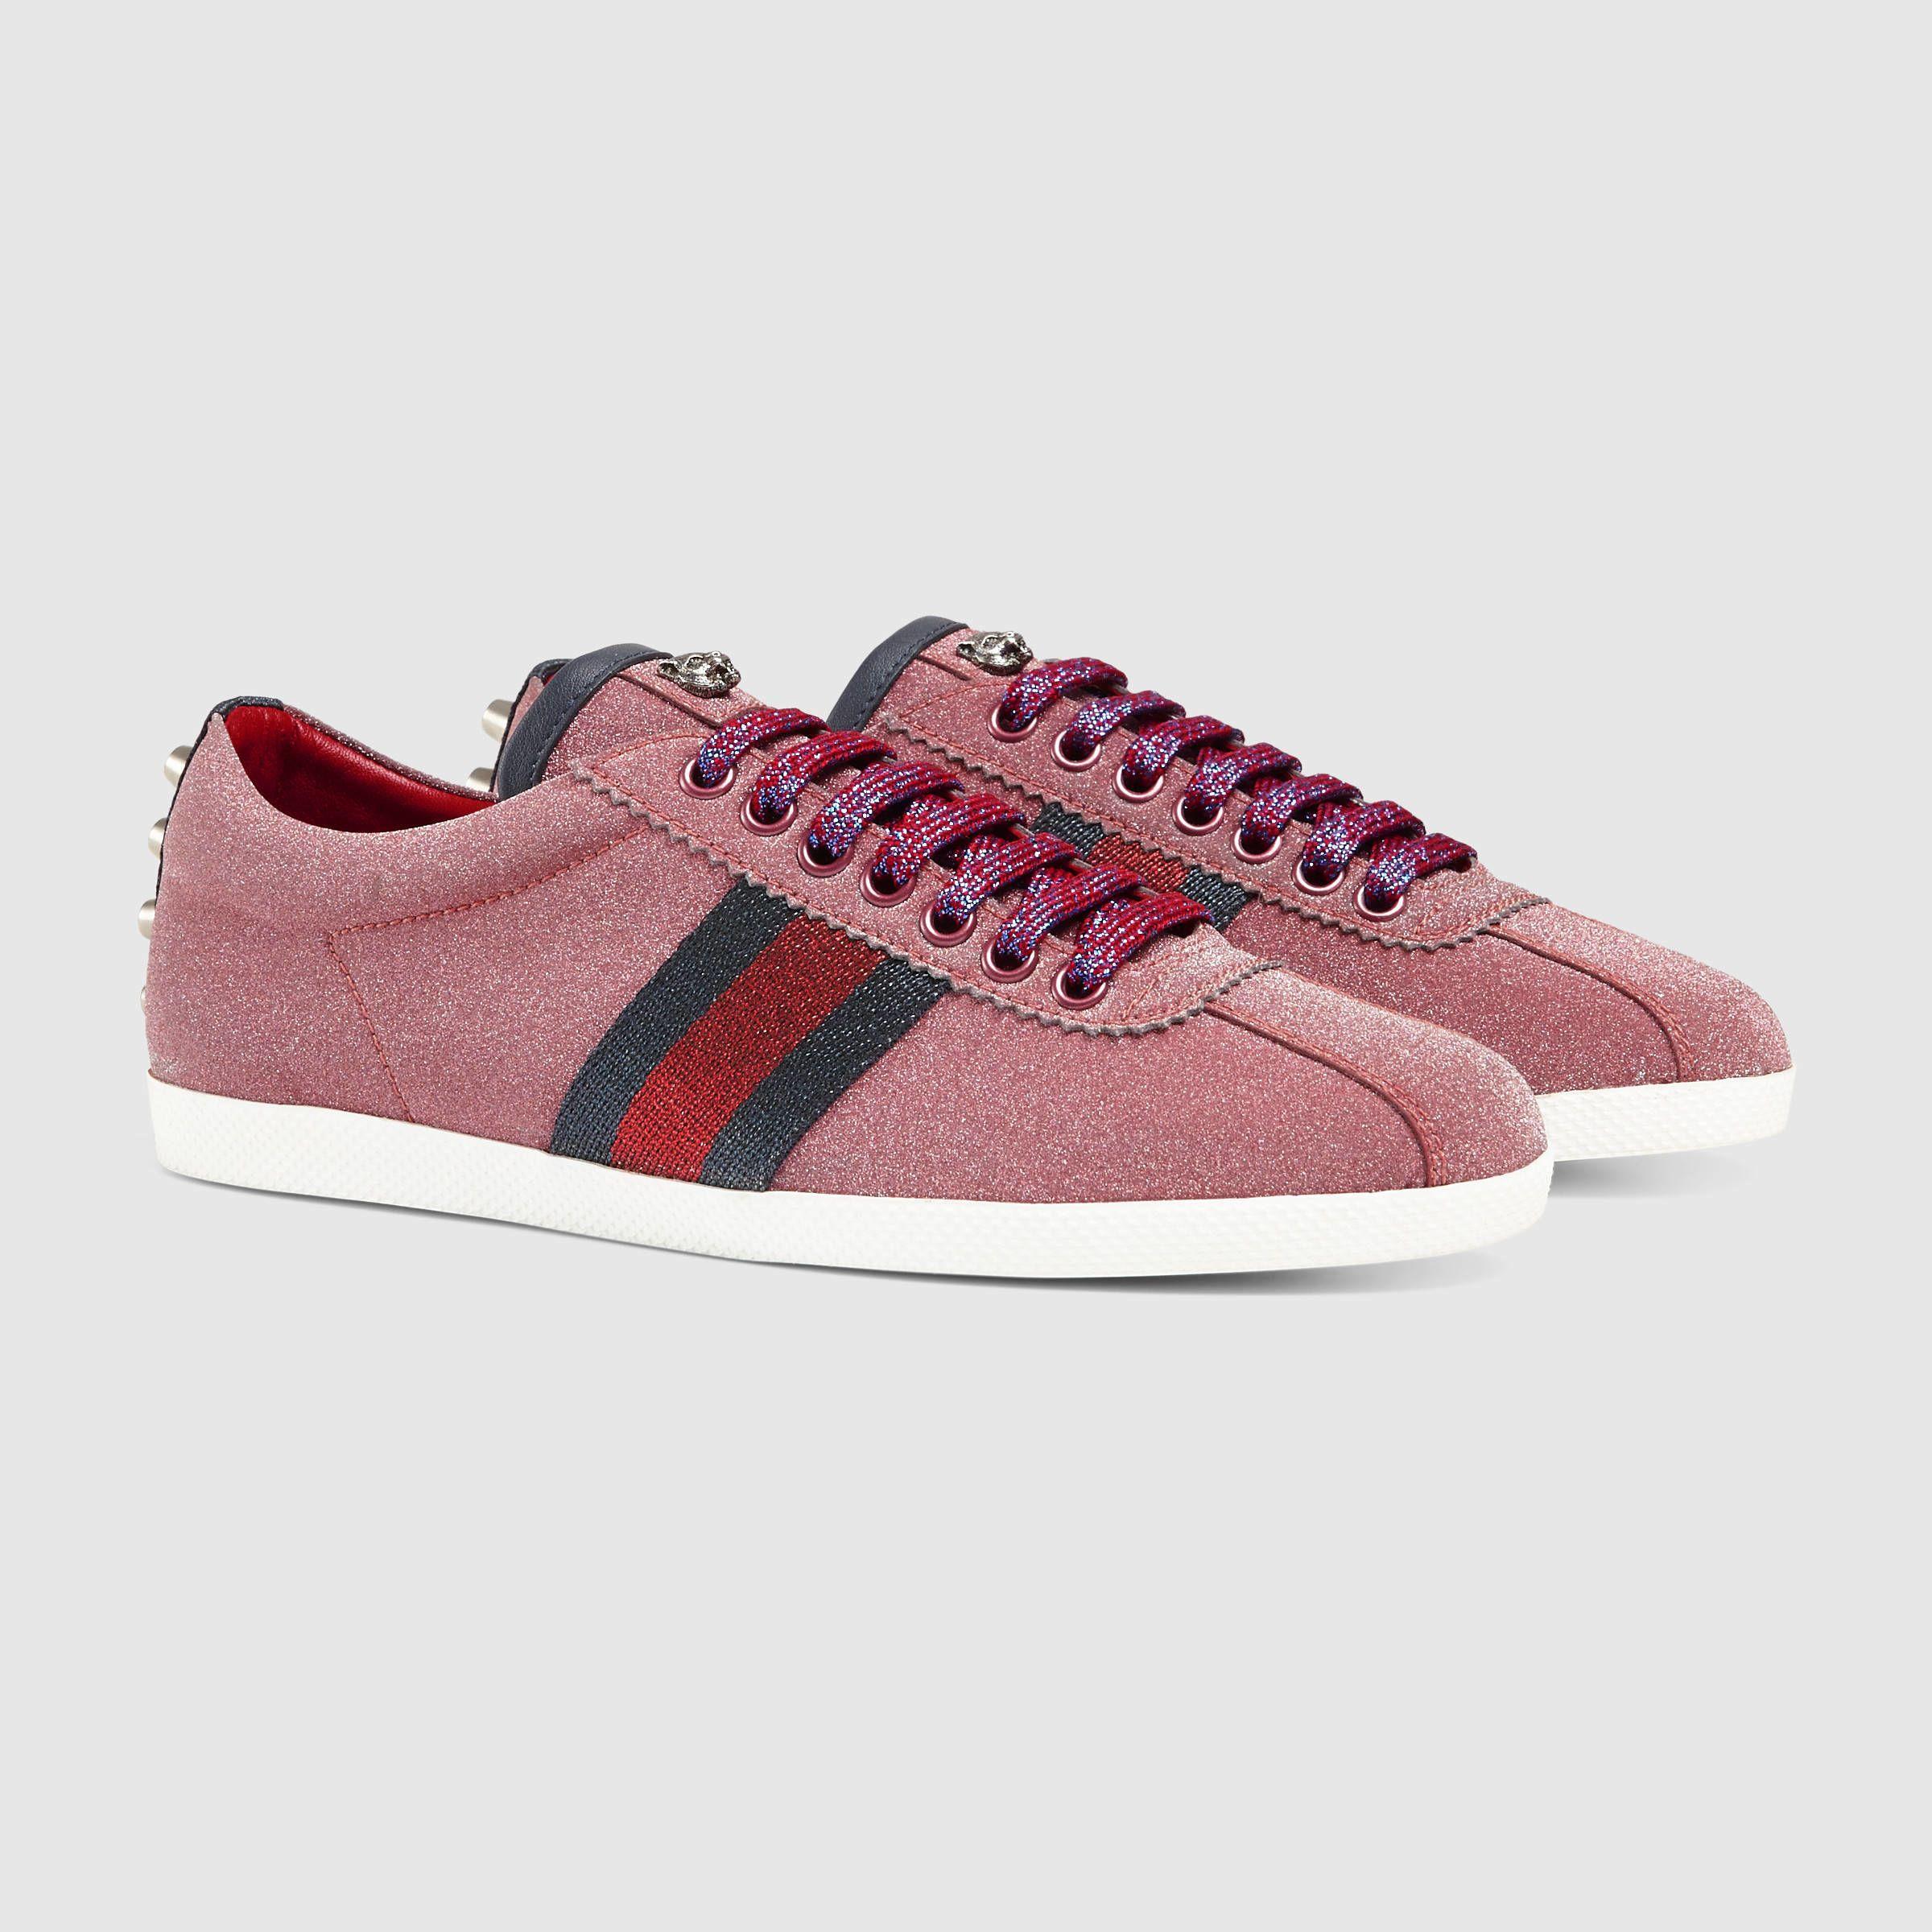 5353c1a13 Gucci Pink Glitter Logo - Gucci Glitter Web Sneaker in Red - Lyst